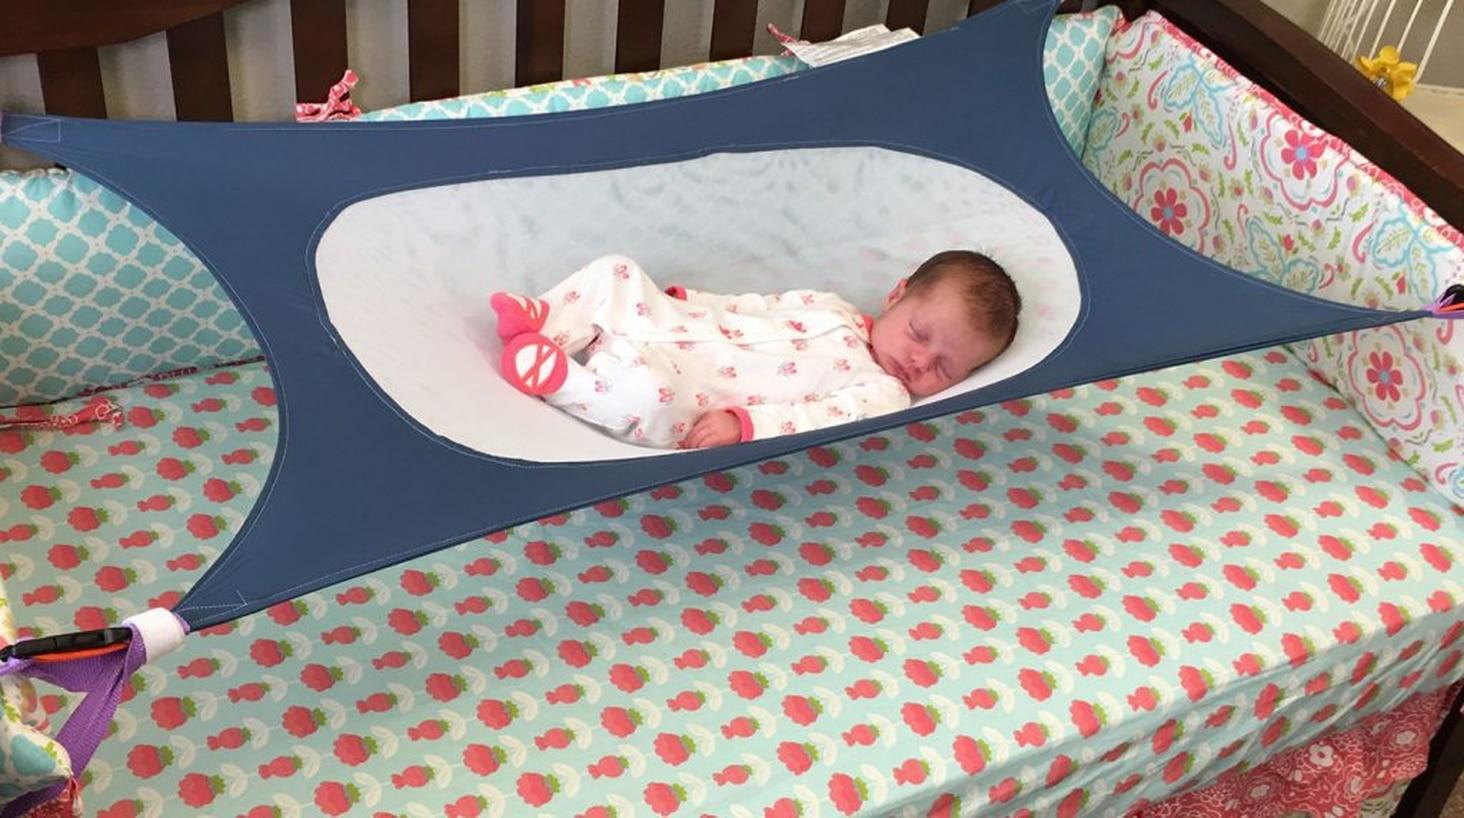 Детское постельное белье для новорожденных Детский гамак для новорожденных детская спальная кровать безопасная Съемная маленьких детская колыбель эластичный гамак с регулируемым Чистая Детская кроватка